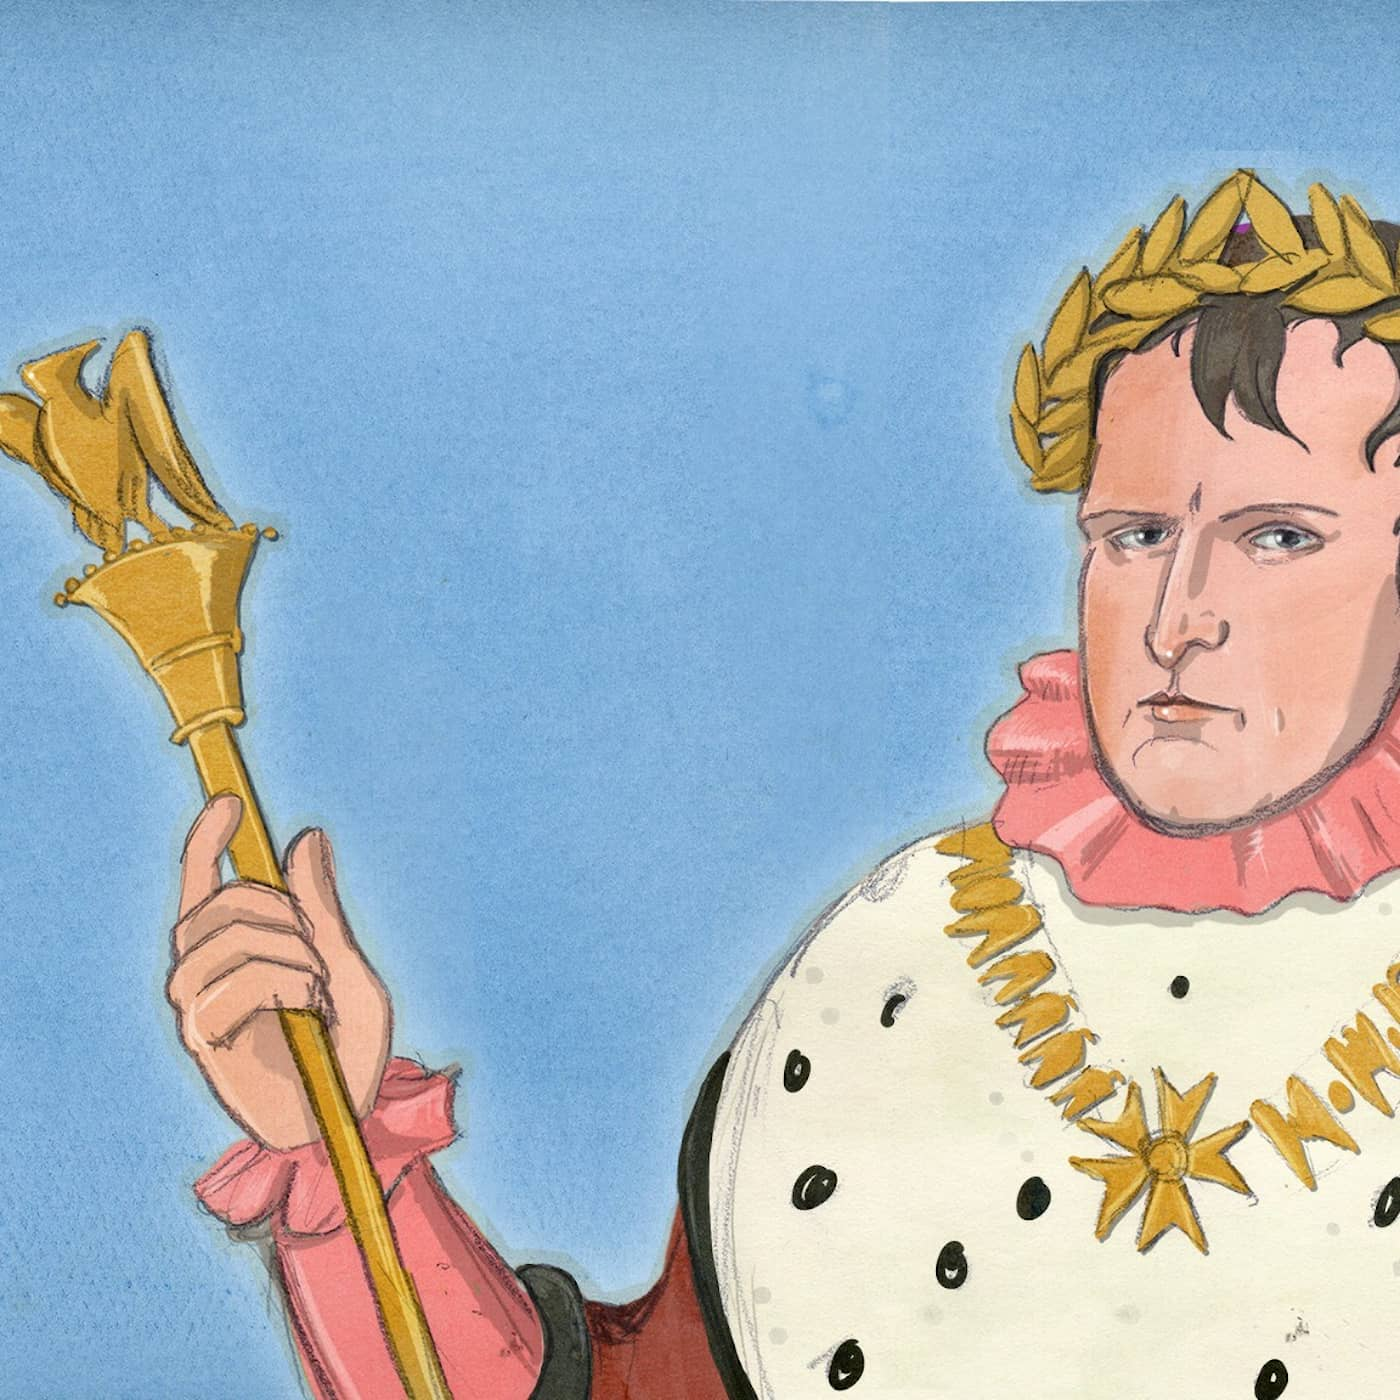 Napoleon - världens mäktigaste man som förlorade allt